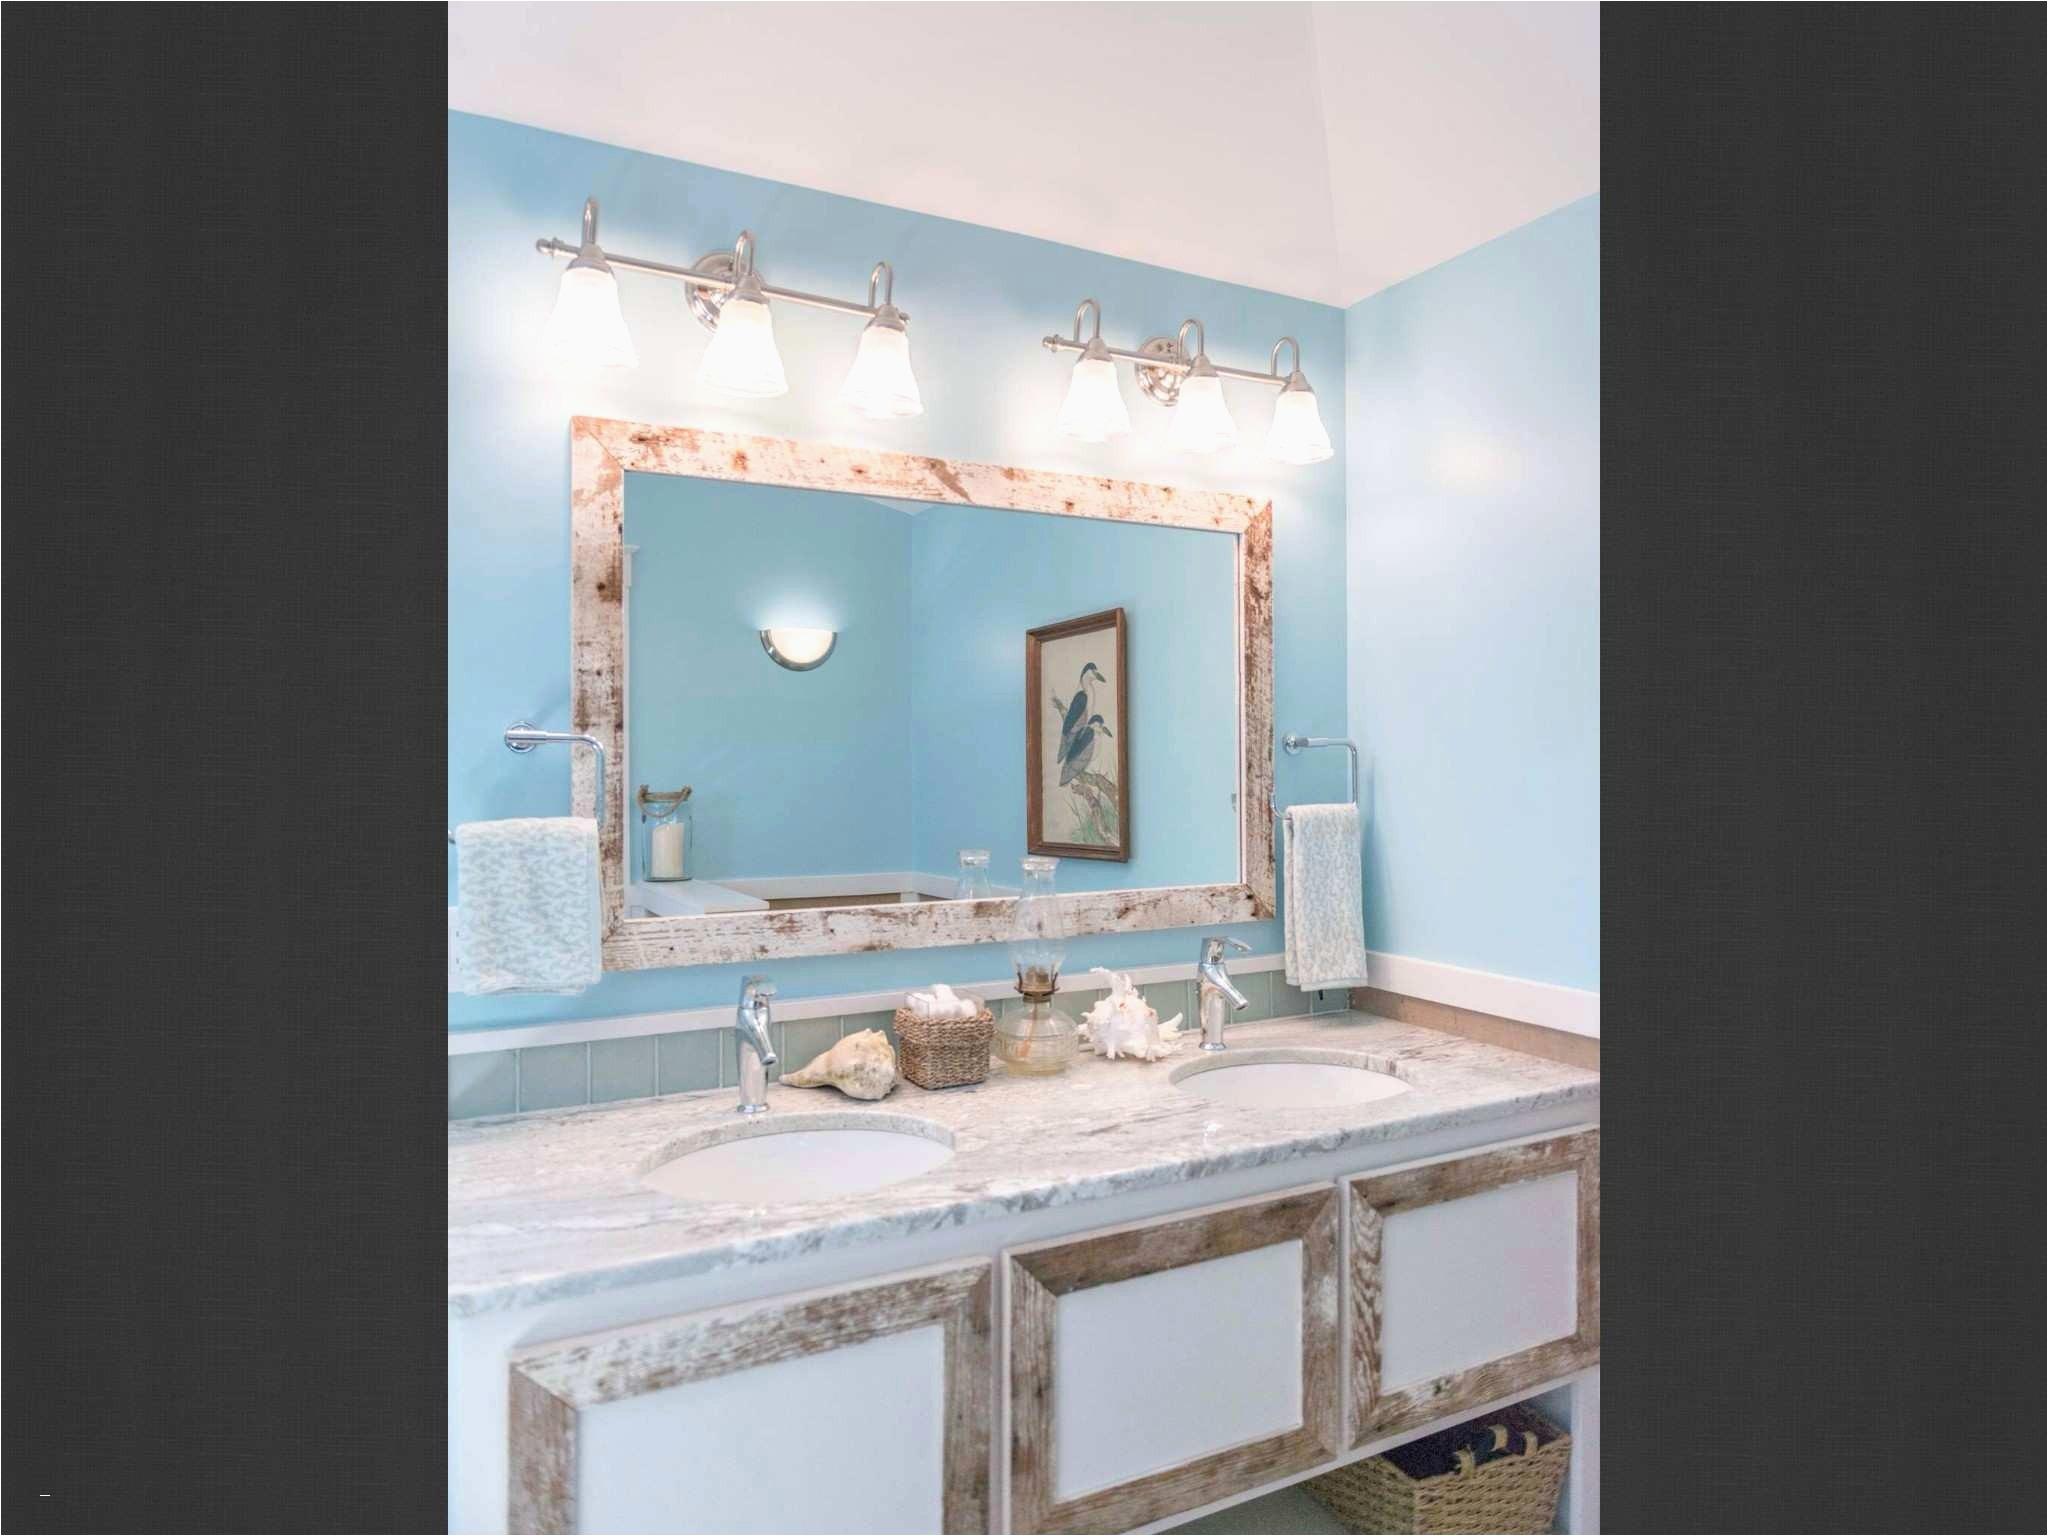 Elegant house ideas and. Bathroom clipart modern bathroom